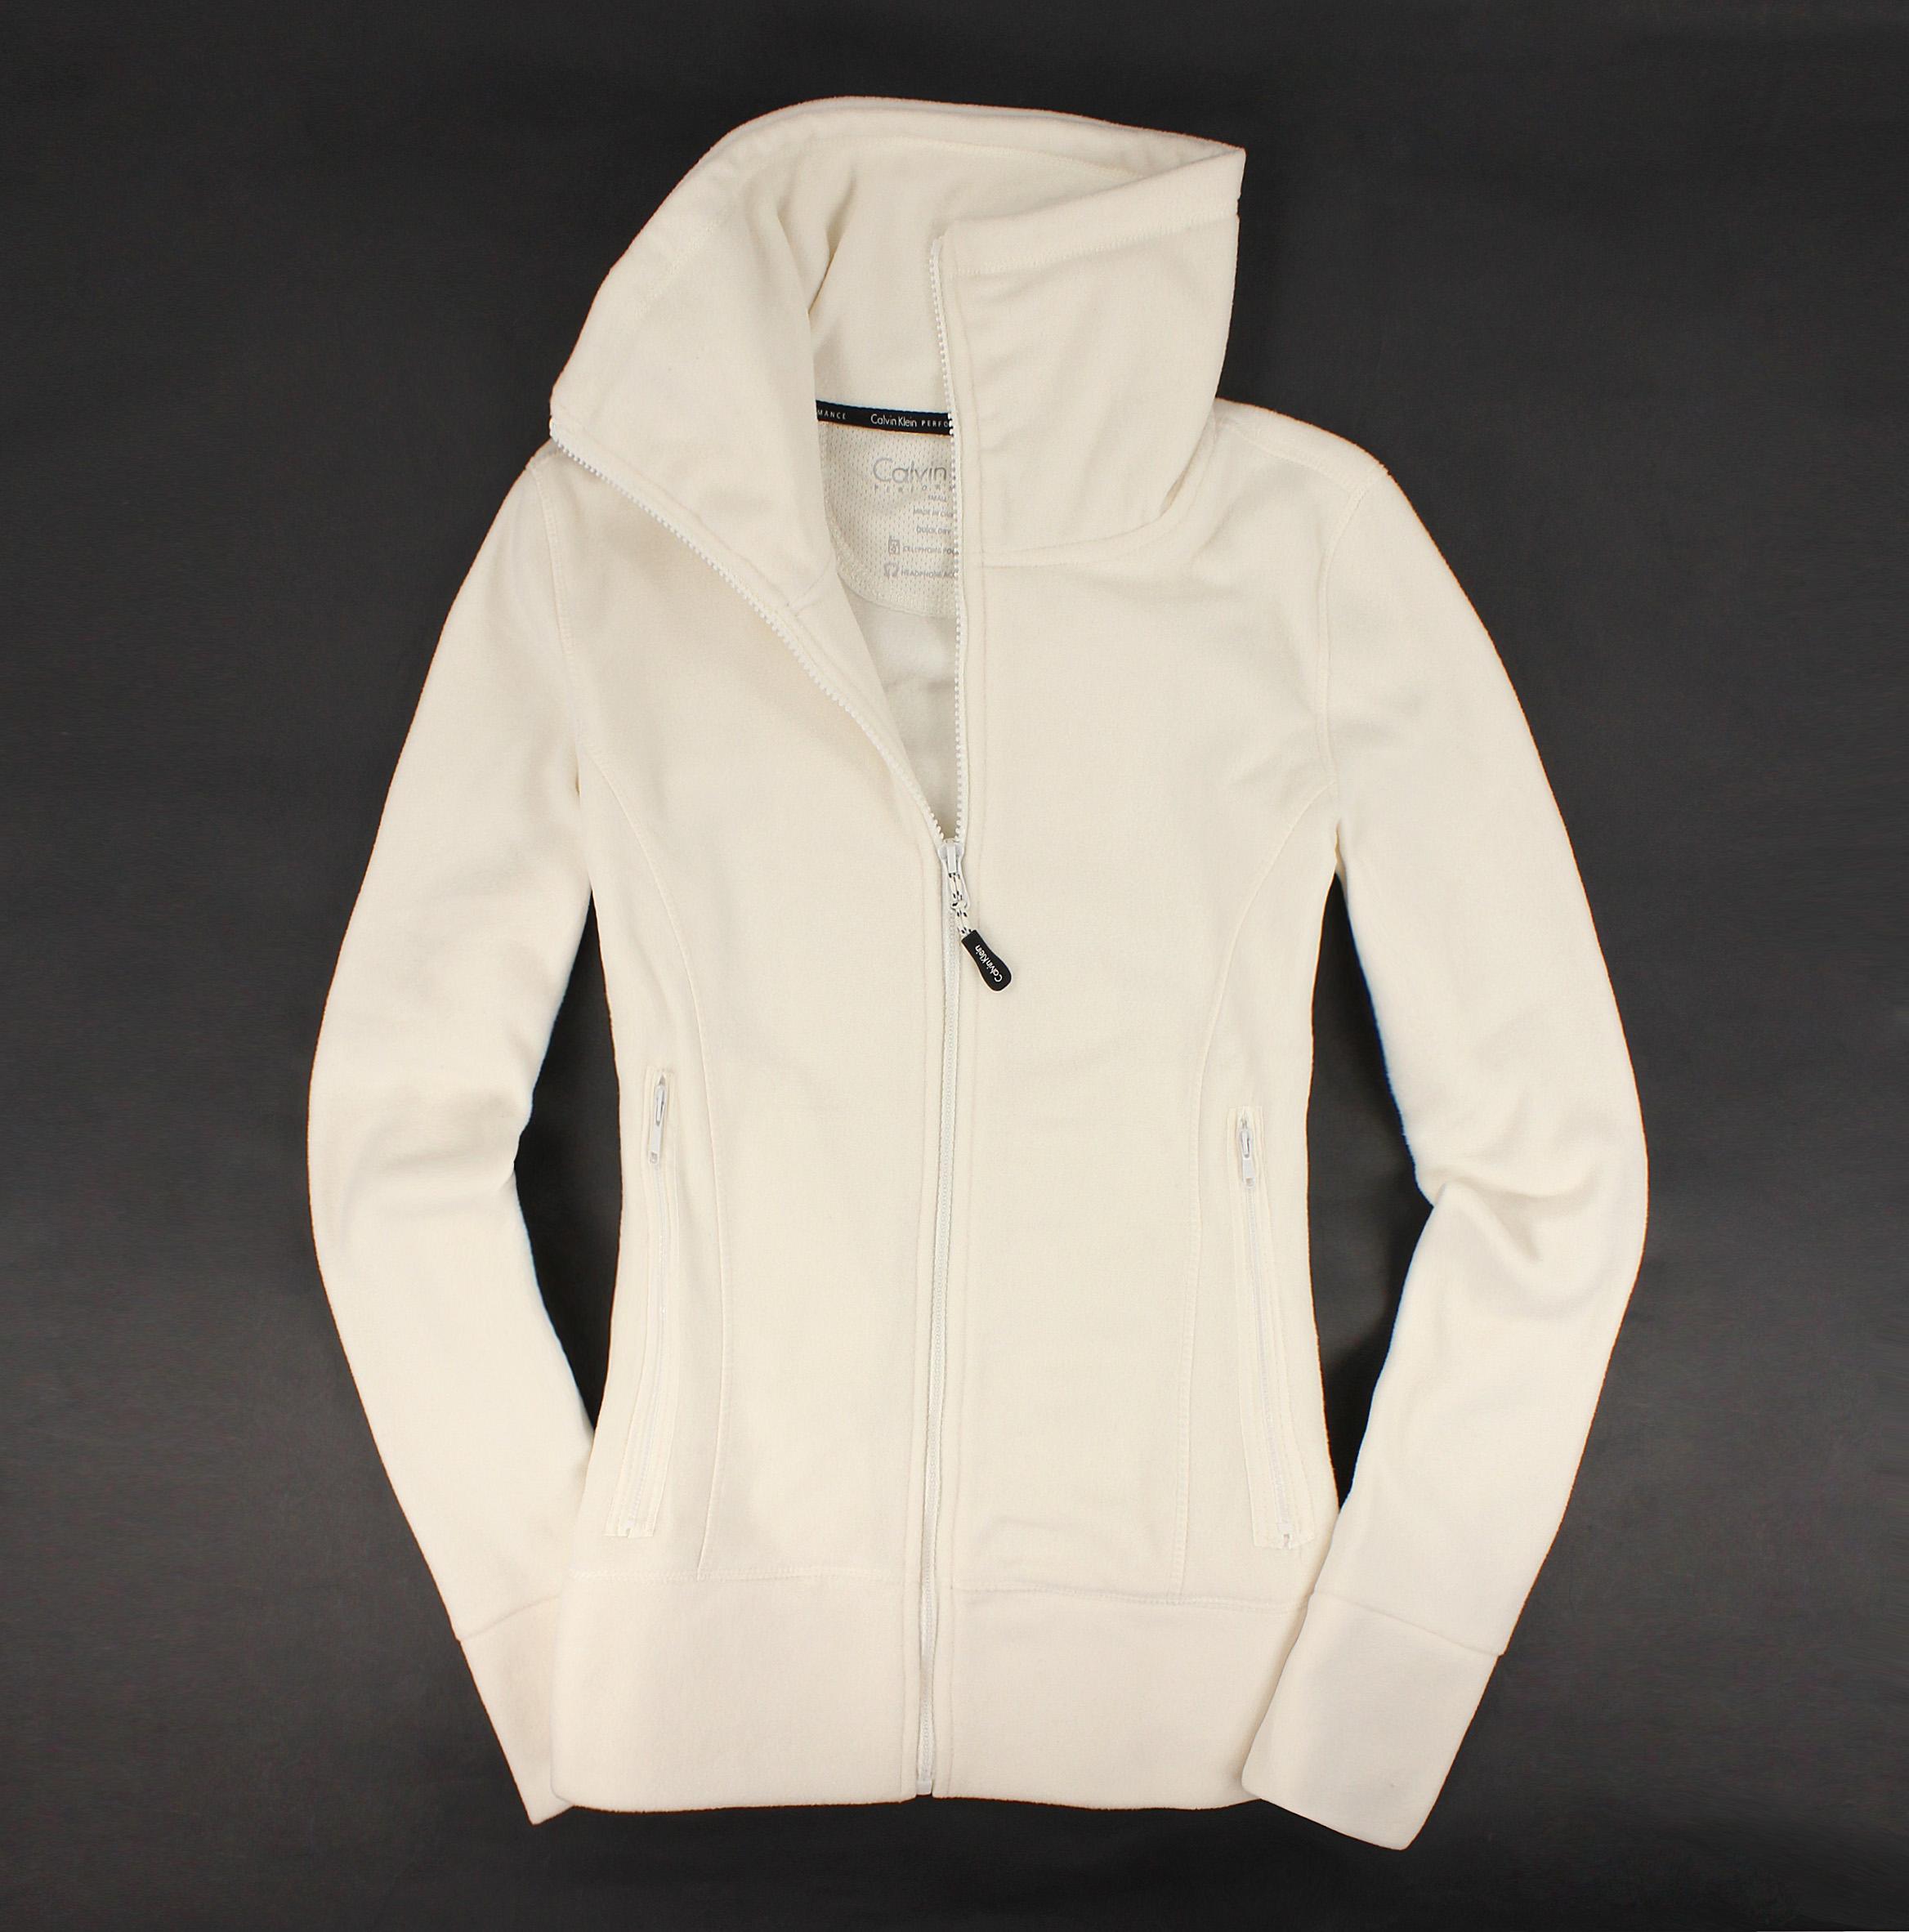 美國百分百【全新真品】Calvin Klein 外套 CK 夾克 刷毛外套 白色 立領 刺繡 輕巧 保暖 Logo 女 S B528